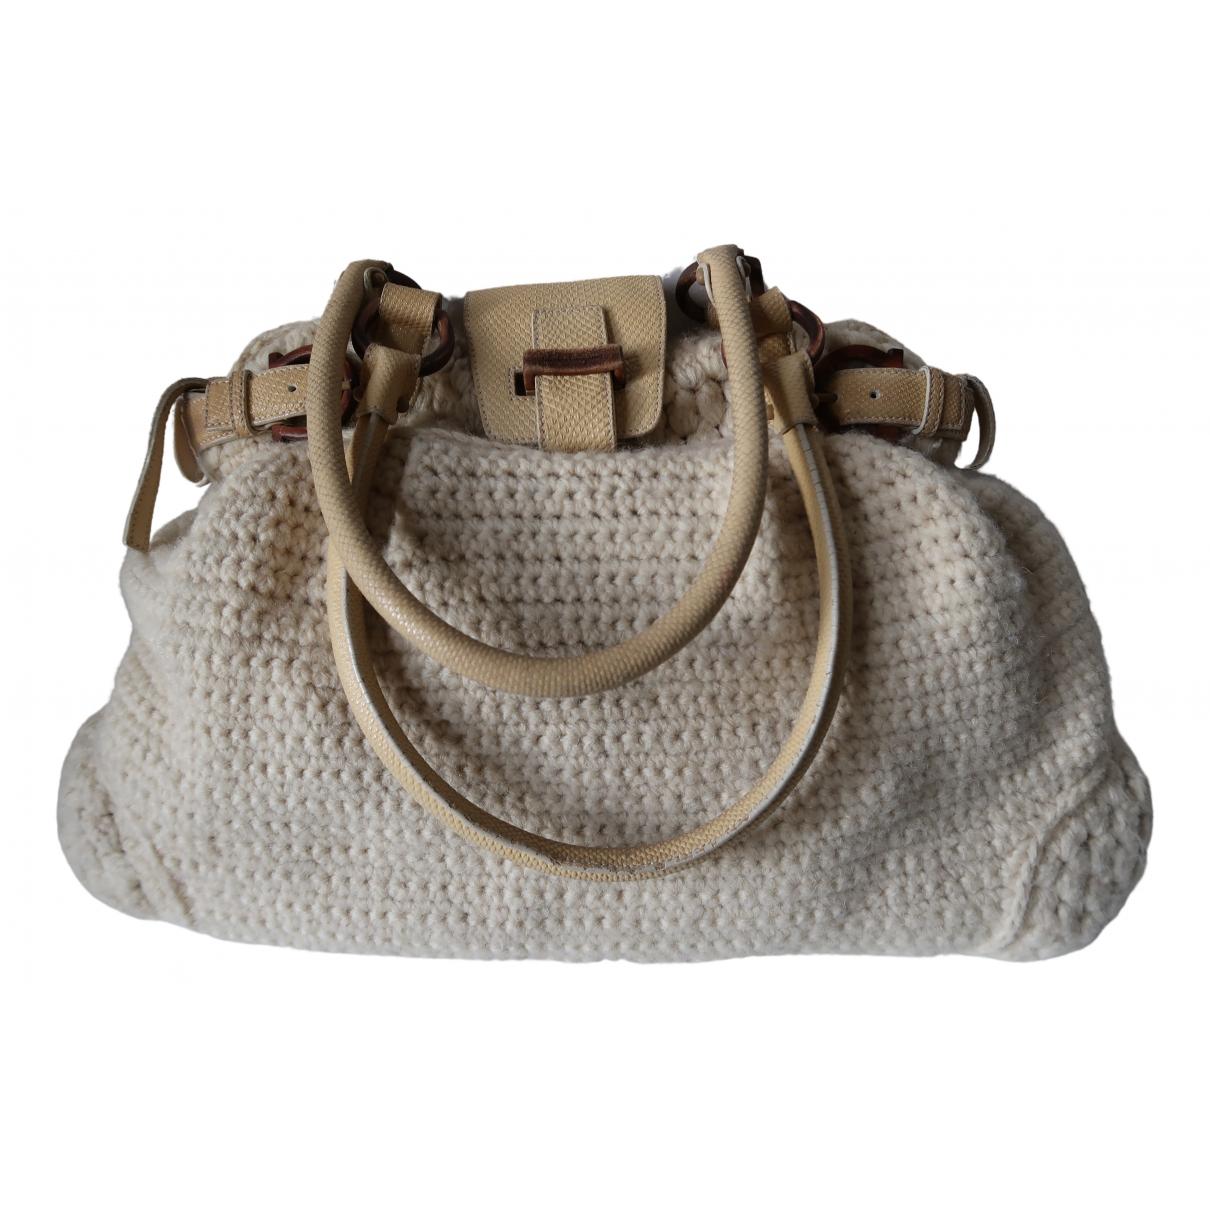 Salvatore Ferragamo \N Handtasche in Wolle